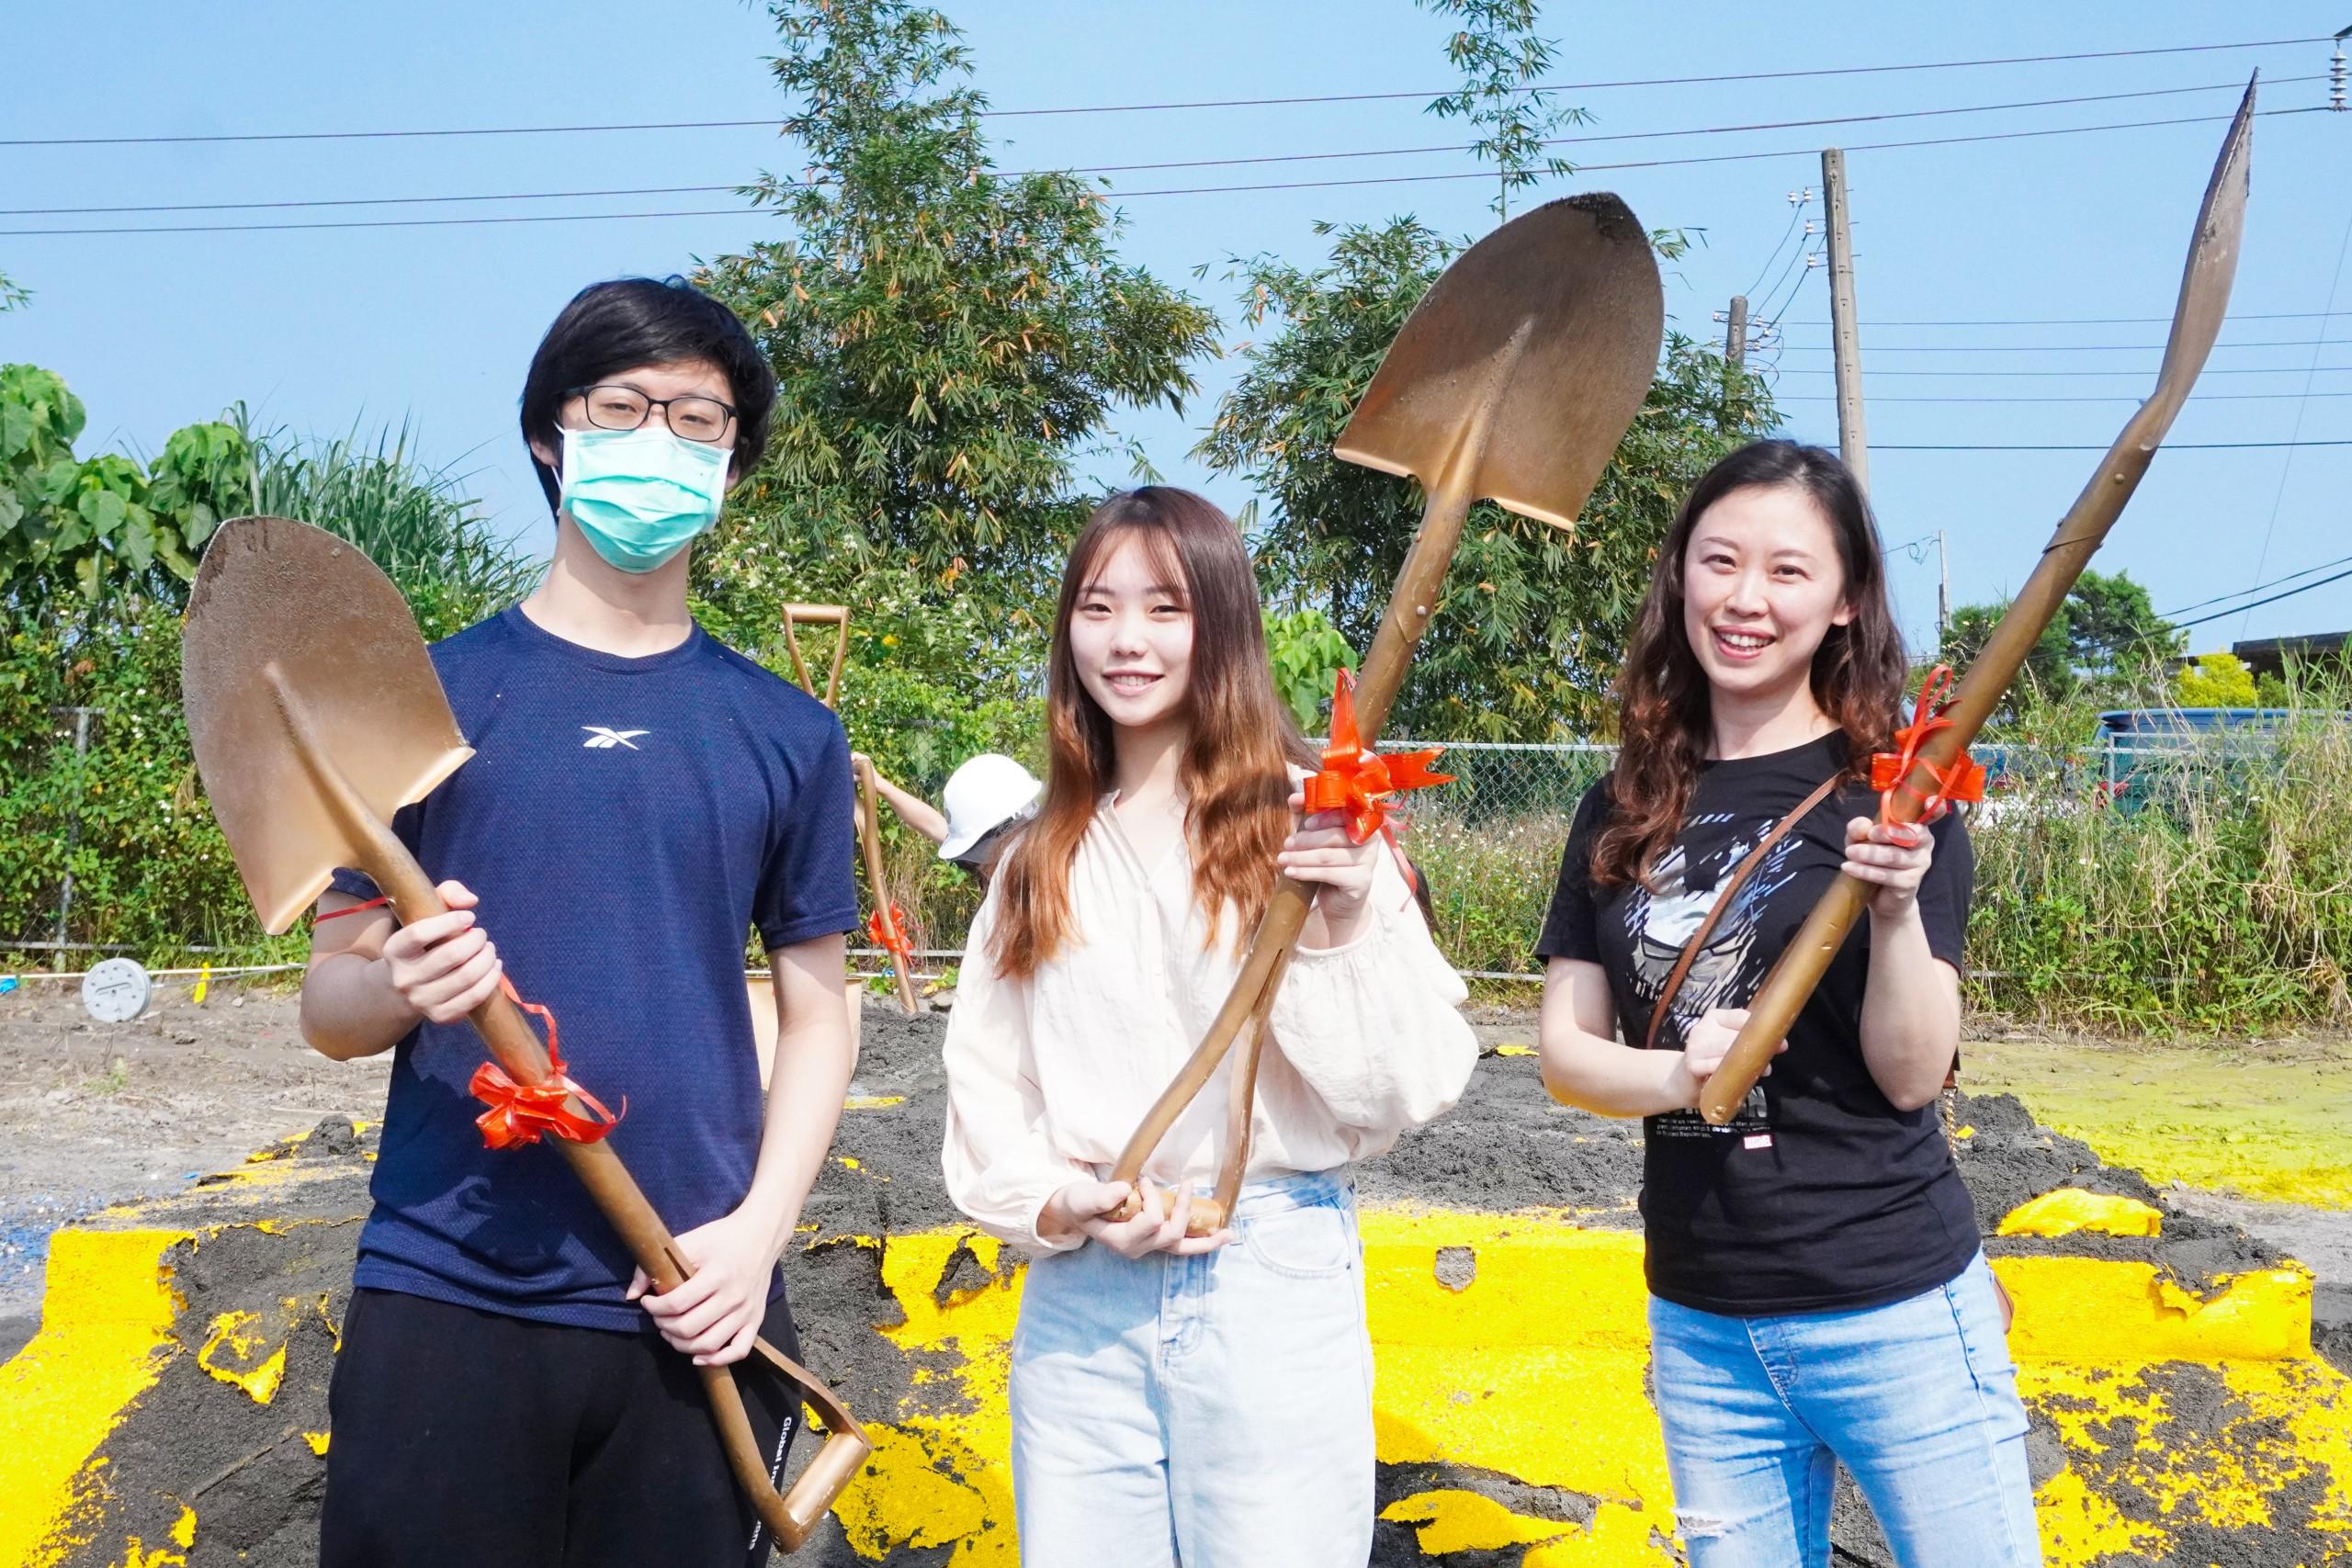 德築-DEZU-project-Zuxing-activity-start-experience-26